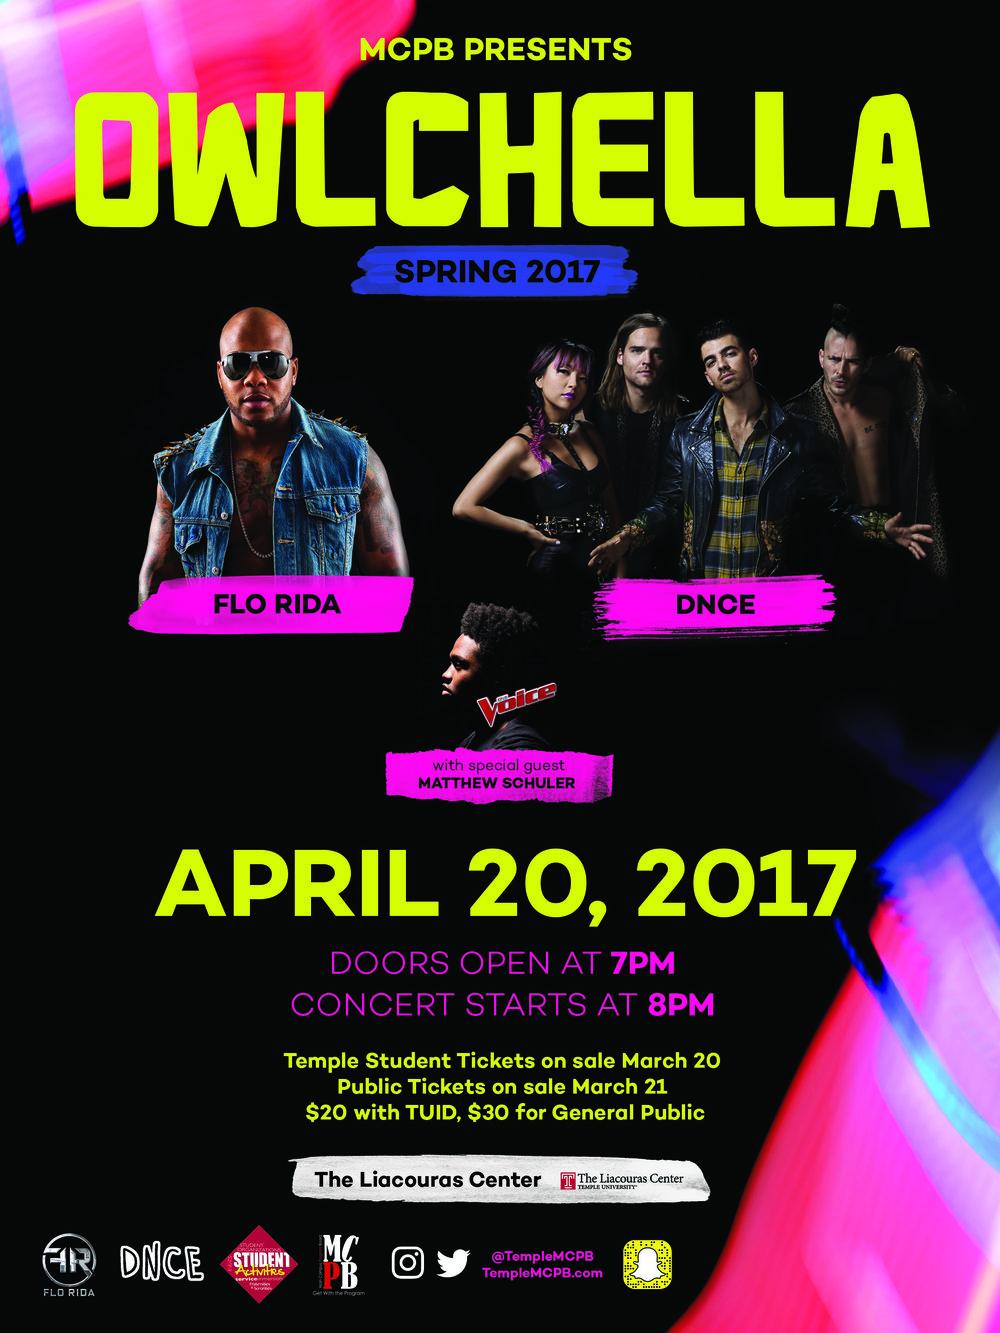 Owlchella Spring 2017.jpg